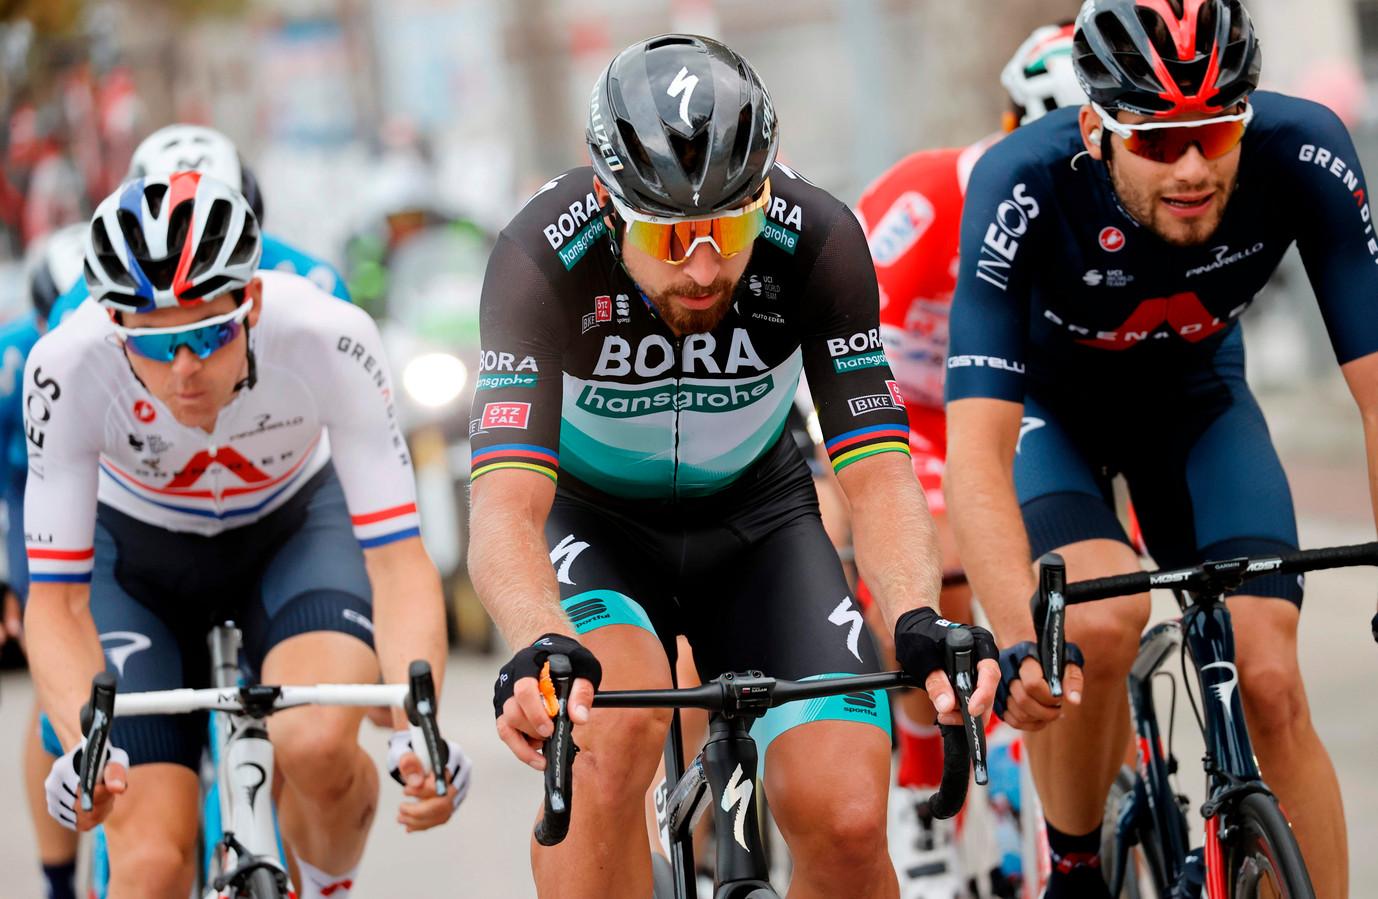 De kopgroep met Ben Swift, Peter Sagan en Filippo Ganna.